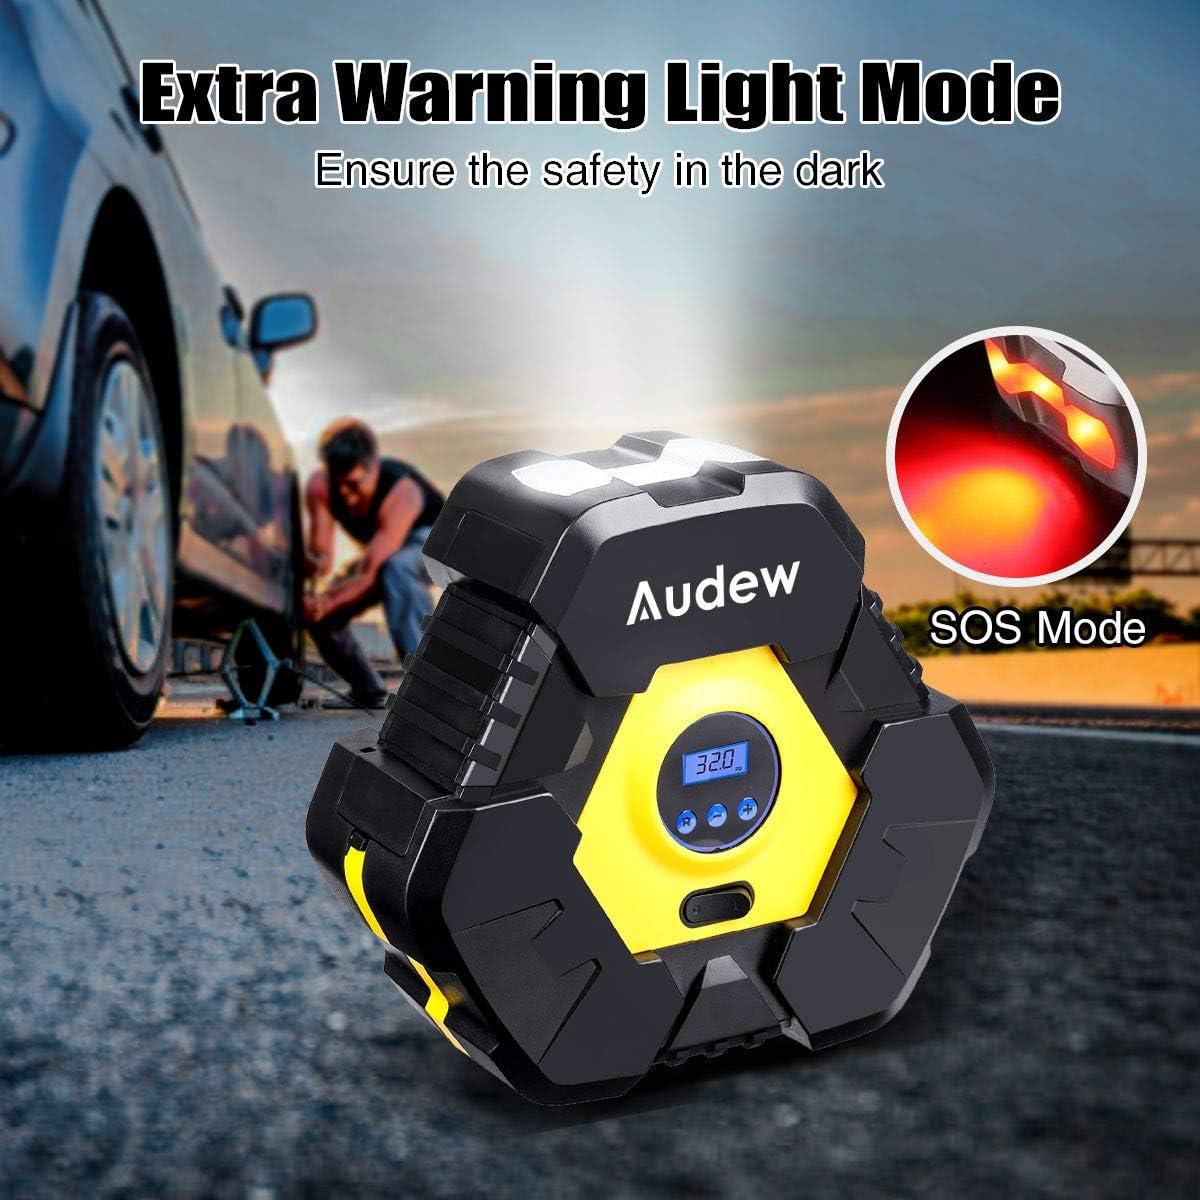 Audew Pumpe Elektrische Luftkompressor Pumpe Auto Digitale Luftkompressor 12V 150PSI Elektrisch Reifenpumpe Protable mit LCD-Display Motoren und Luftmatratzen Luftstrom bis zu 38 l//min f/ür Auto